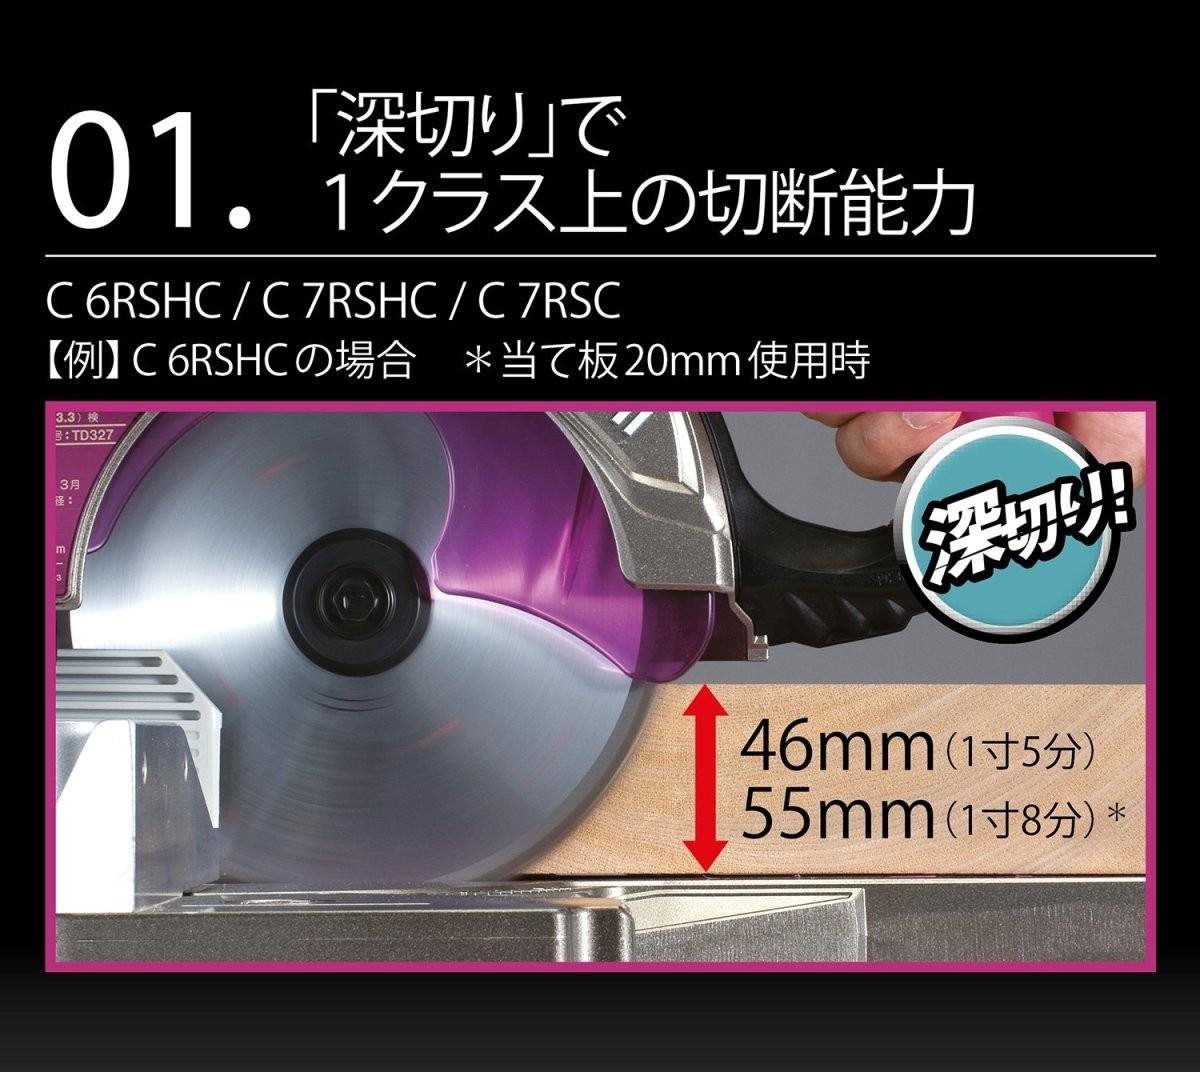 165mm 卓上スライド丸のこ C6RSHCの商品画像 4